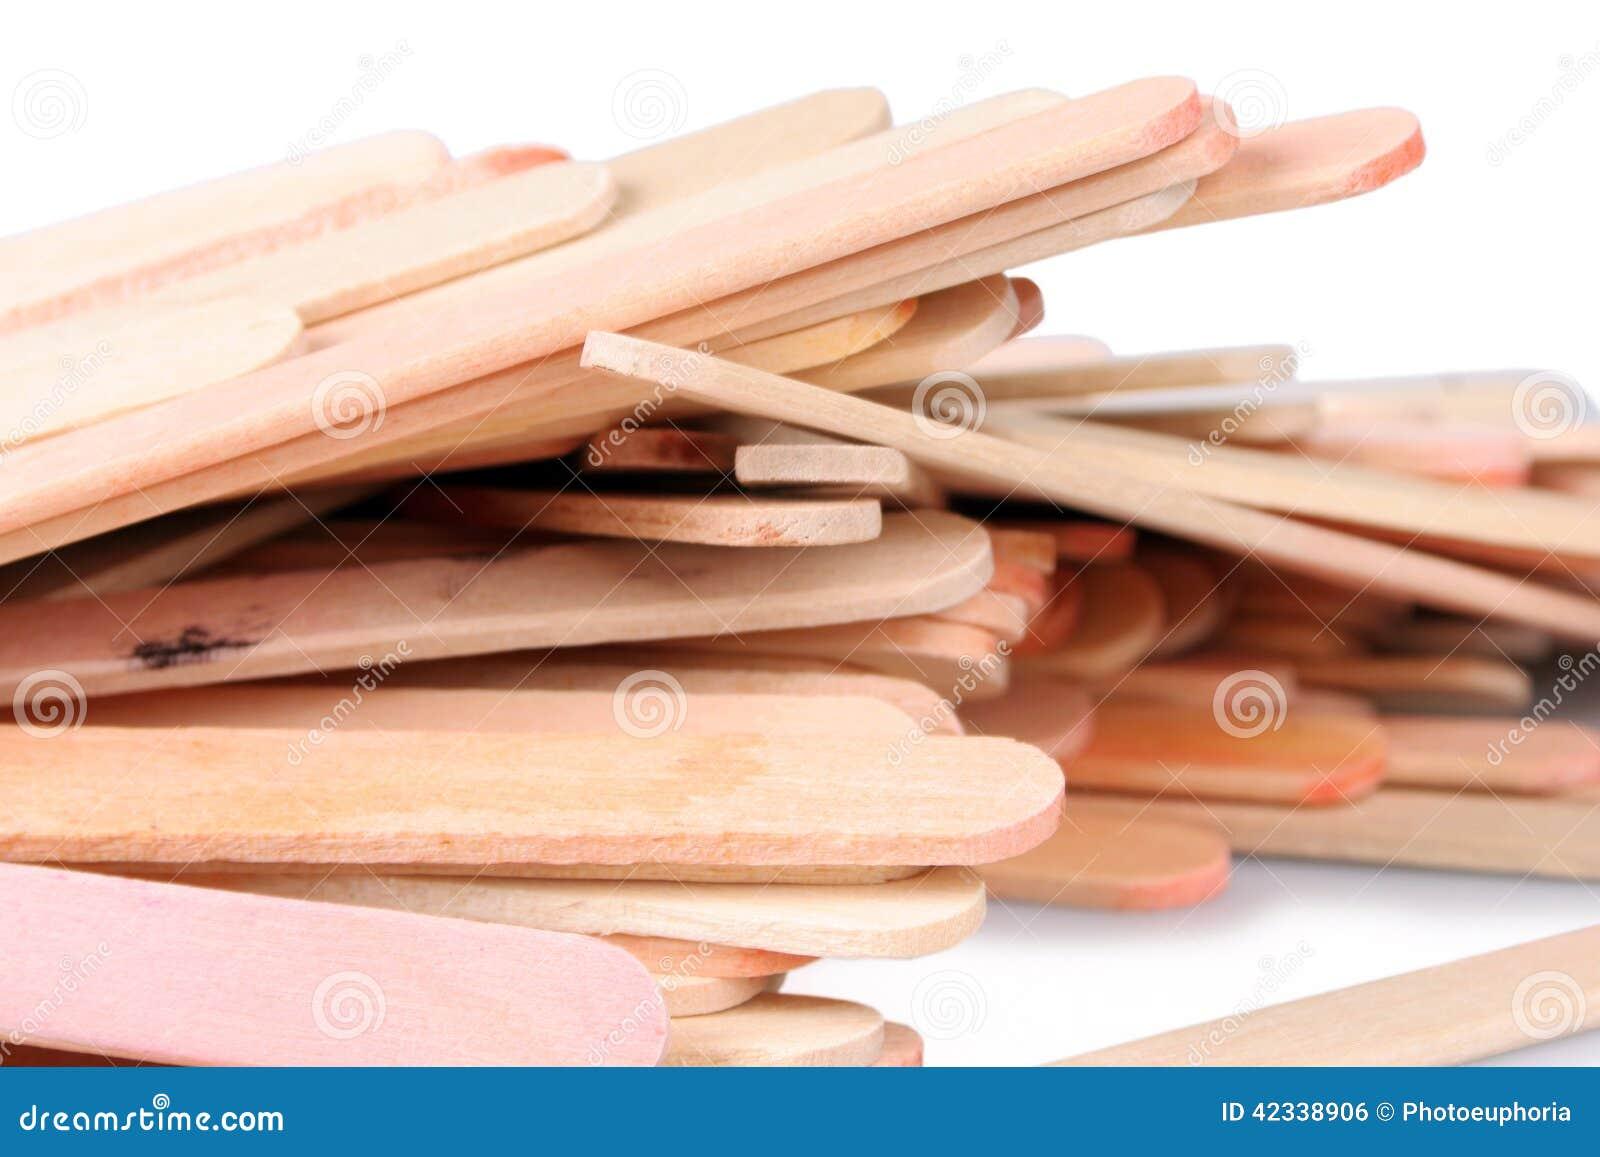 Popsicle kije